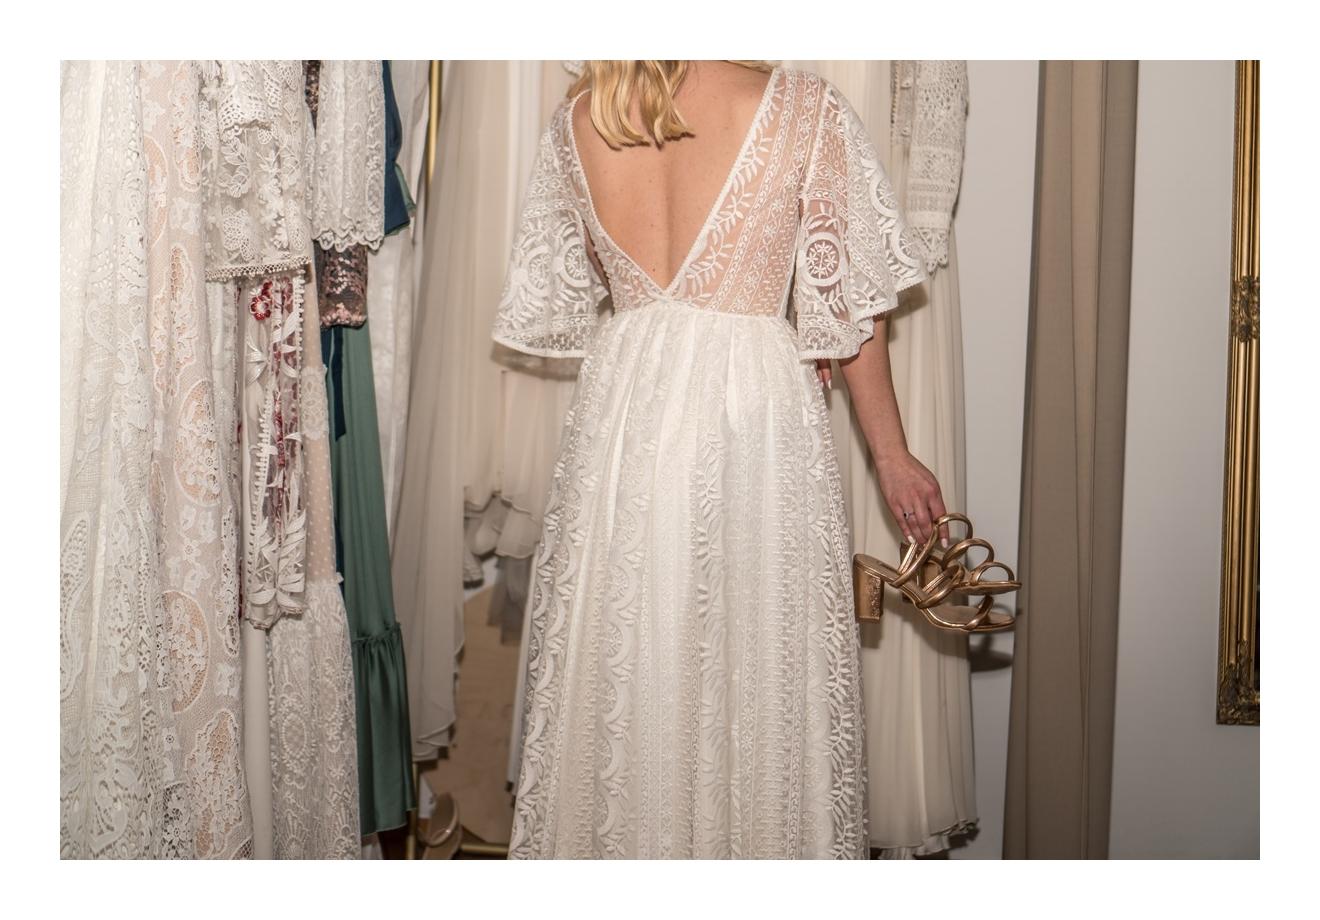 22 suknie ślubne modne w 2020 roku jaka suknia na slub w stylu boho rustykalnym dla szczupłej grubszej puszystej dziewczyny koronki jedwab minimalizm